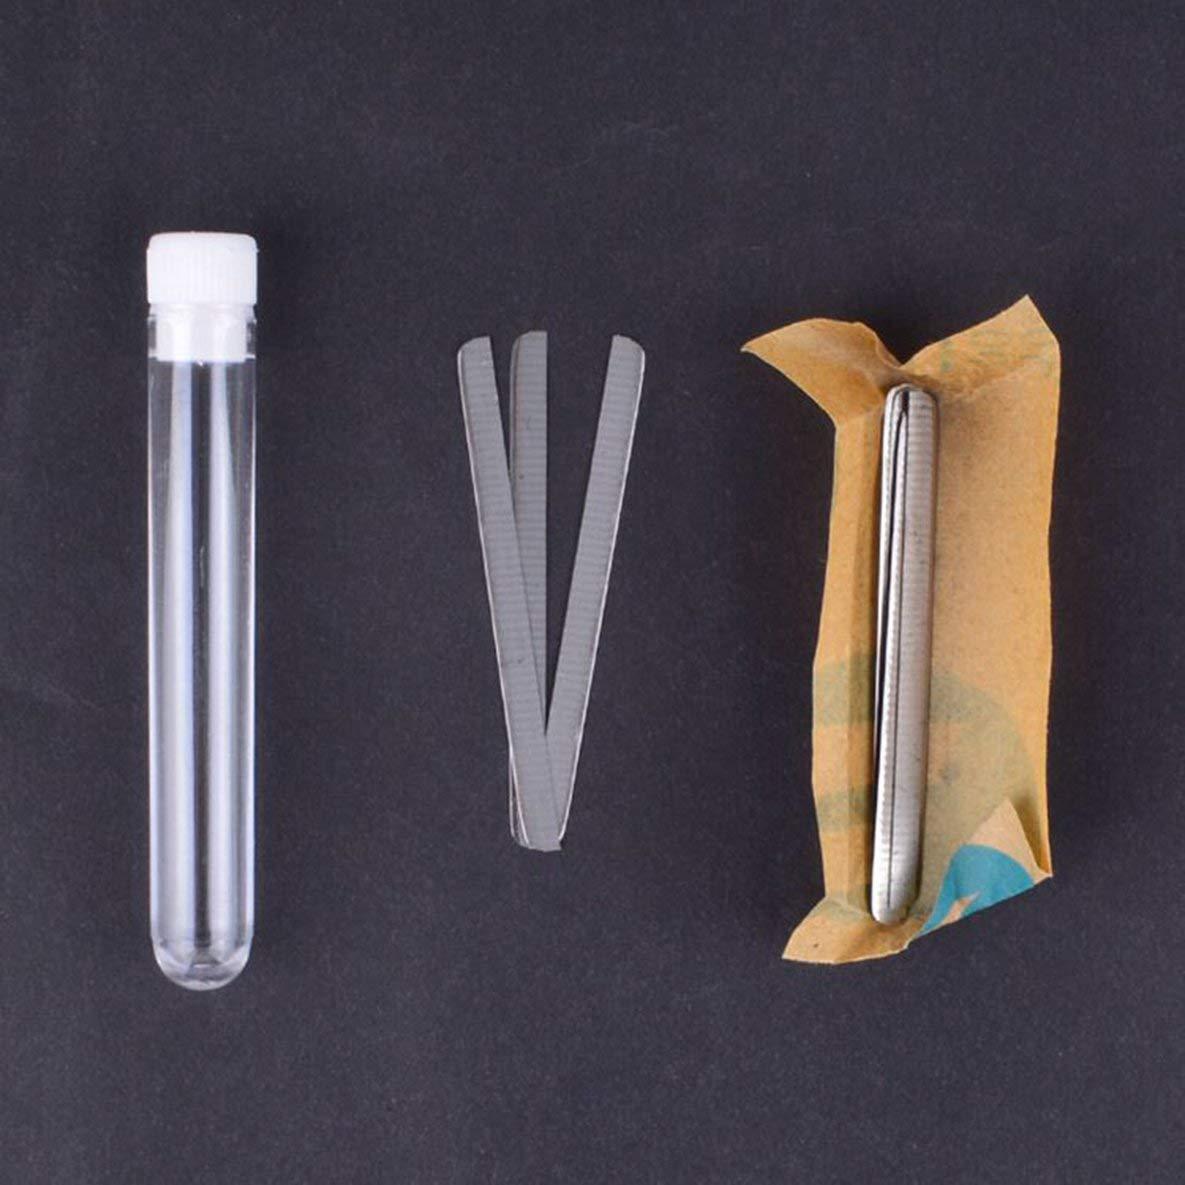 10 UNIDS Cuchillas Trimmer Multifunción Pro Salon Cuchillas de Afeitar Cuchillas de Cera de Acero Inoxidable Cuchillas para Grabar Pluma Moliies